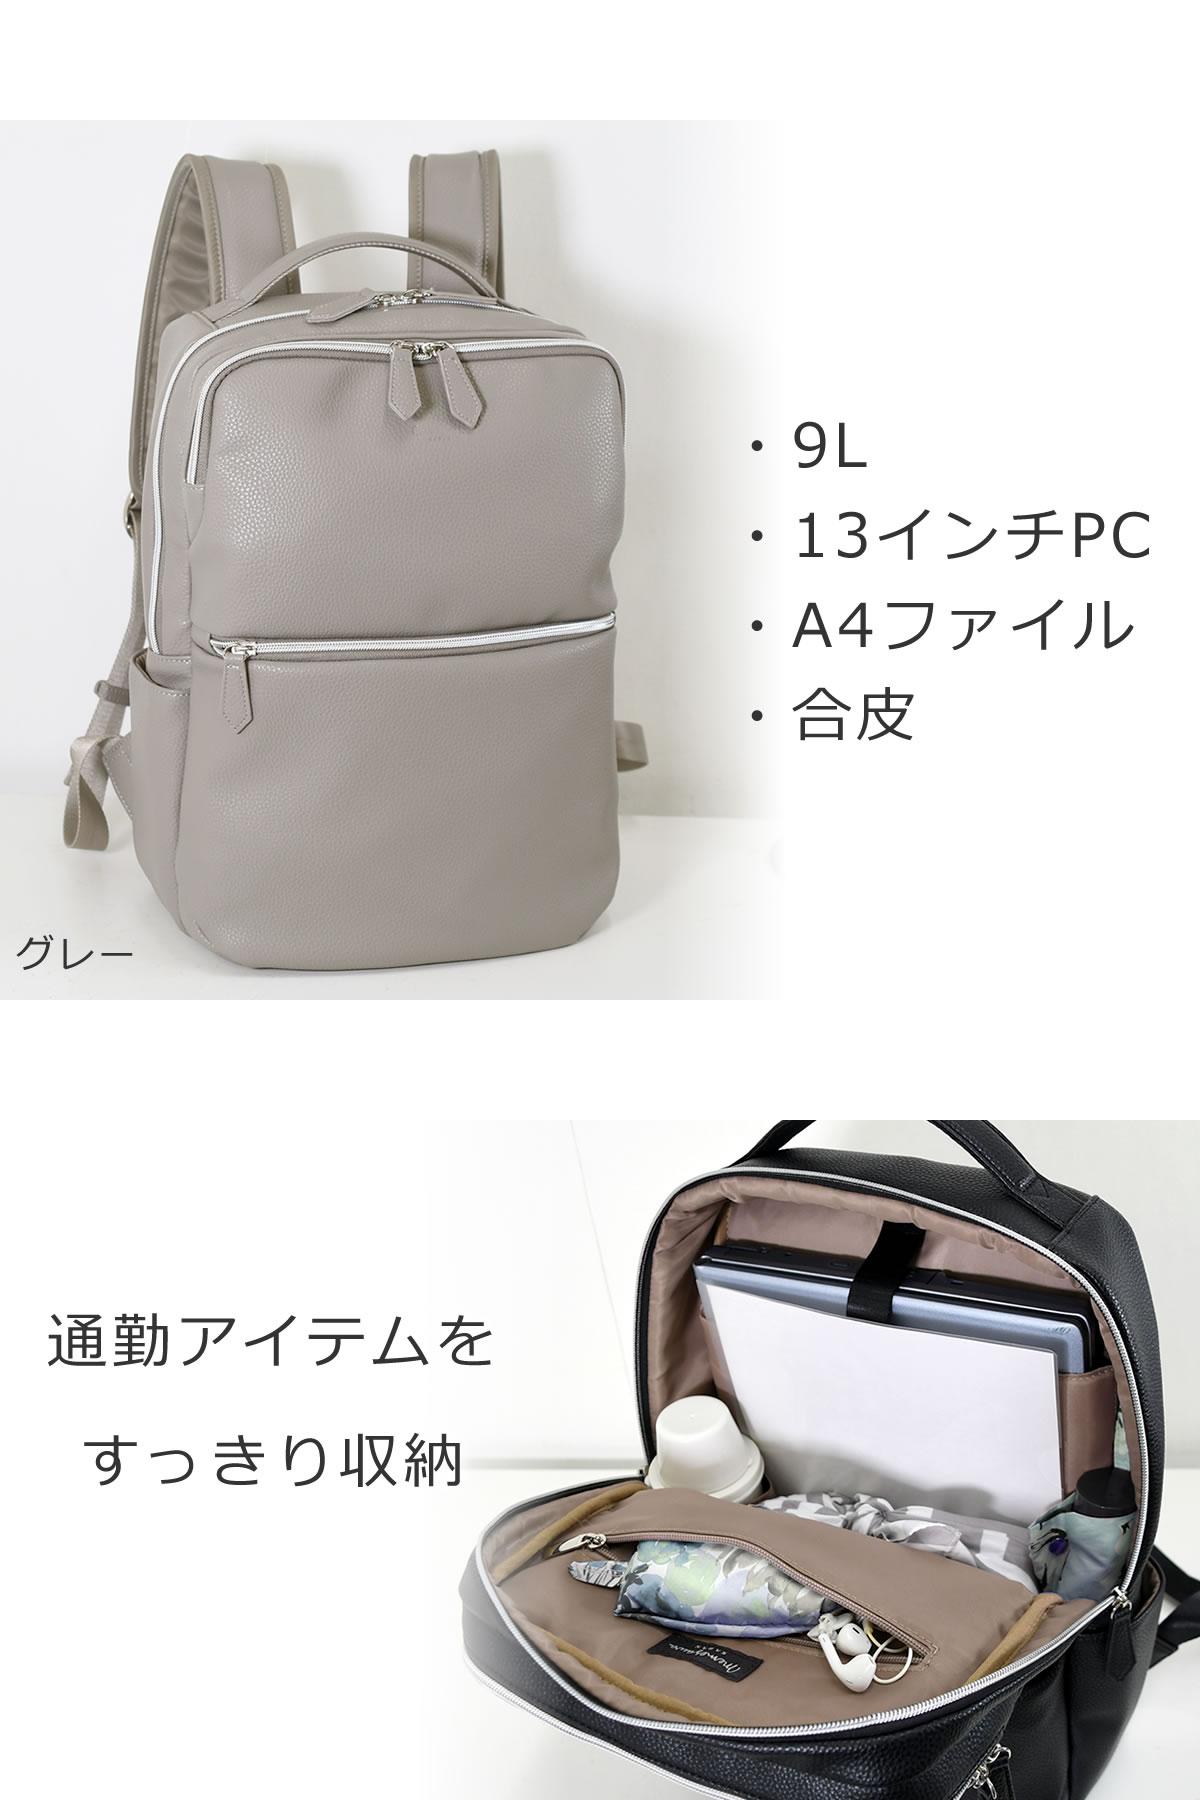 ビジネスリュック メンズ リュックサック かわる ビジネス ブリーフ テレワーク パソコン リュック PC持ち運び テレワーク バック パソコンバッグ